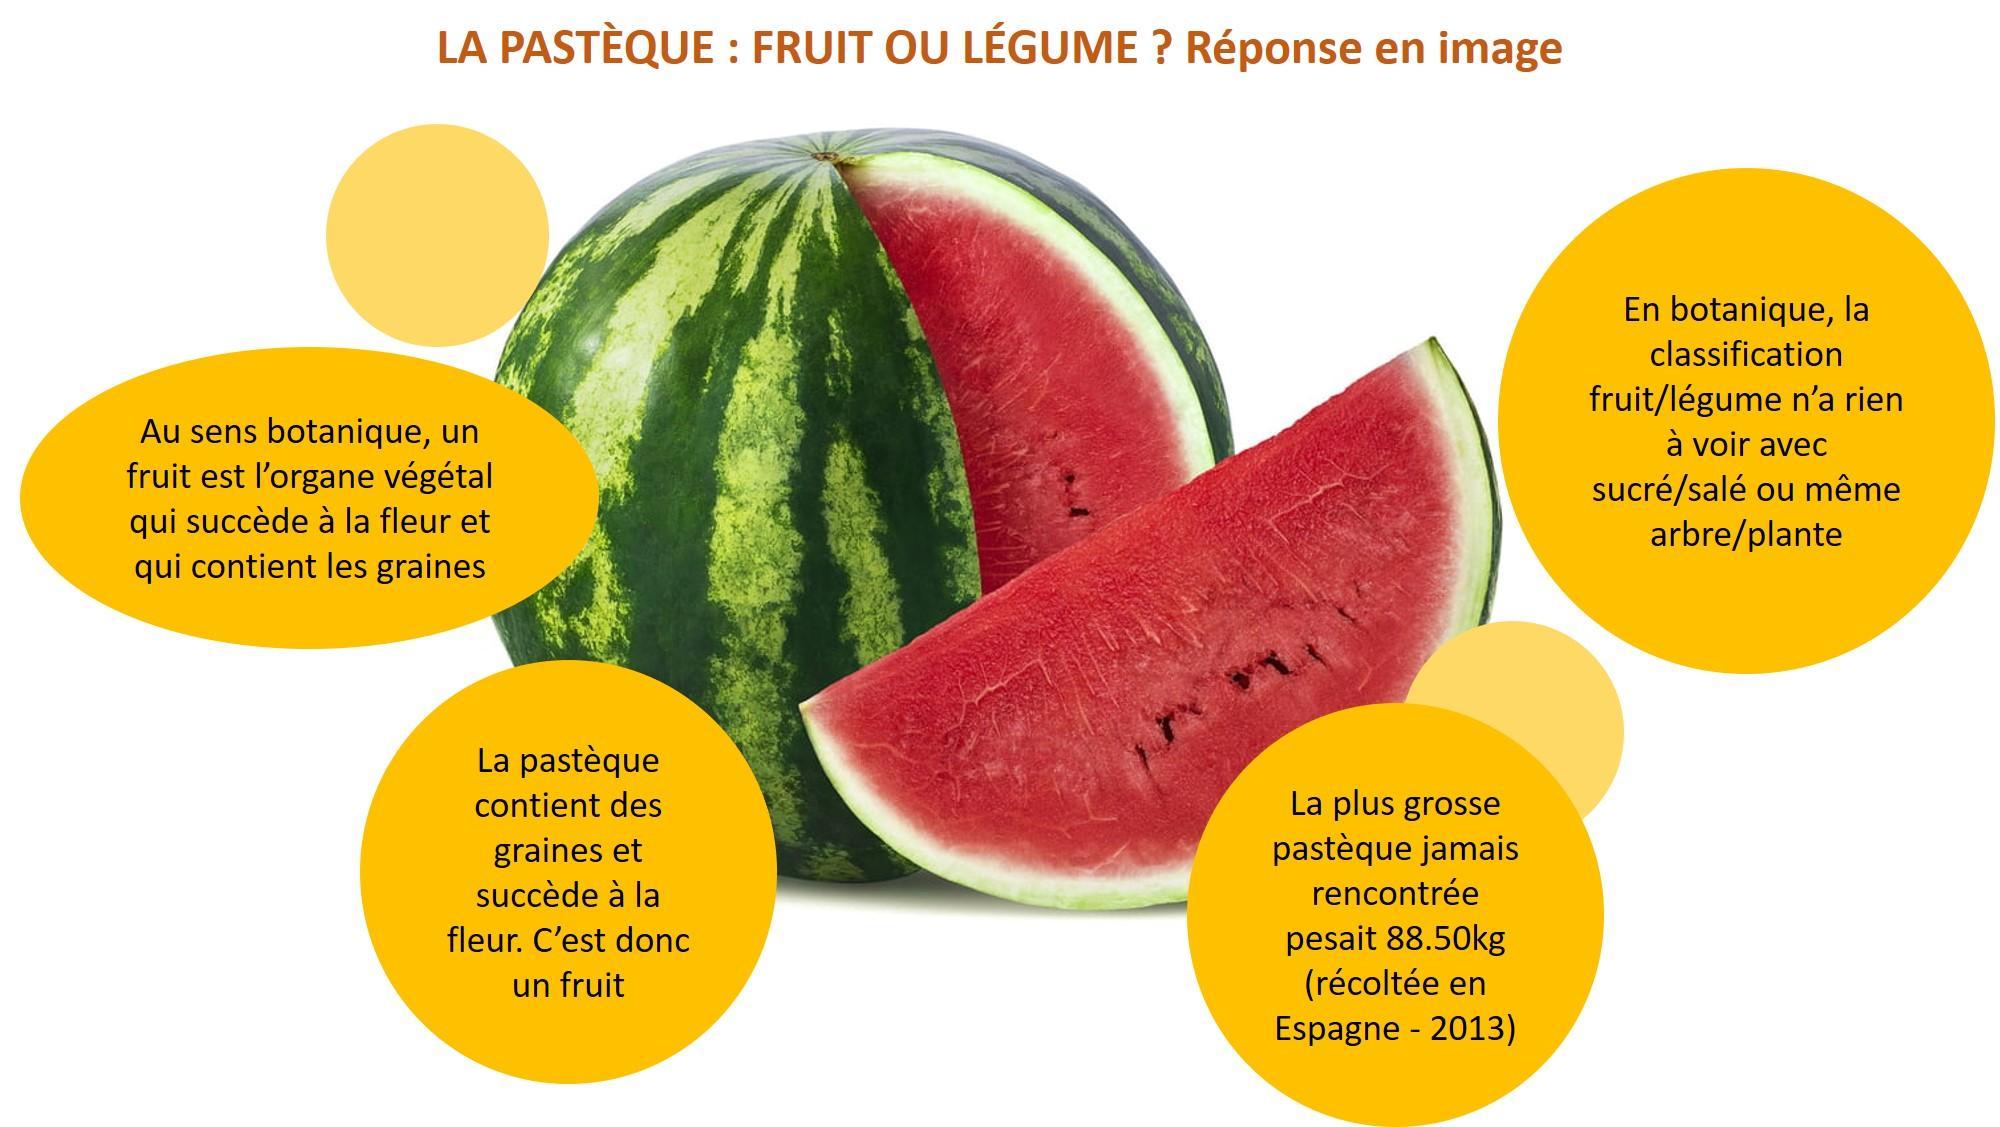 pastèque : fruit ou légume